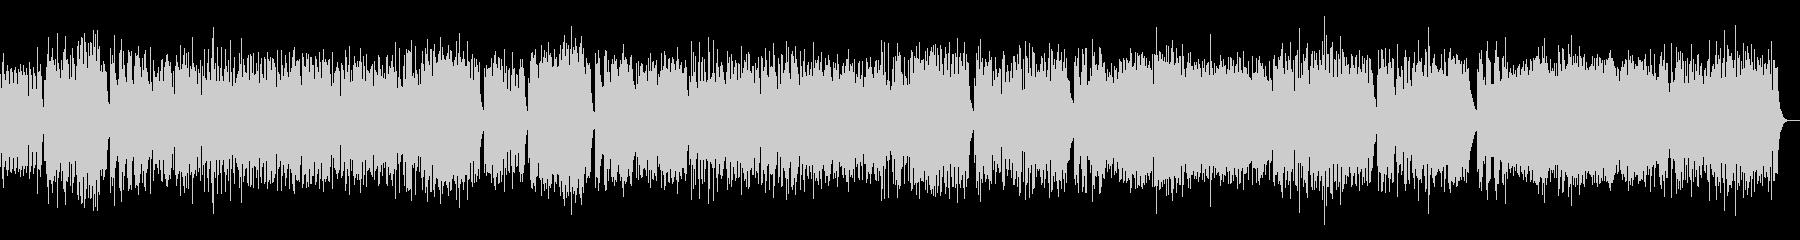 華やかなチェンバロ スカルラッティの未再生の波形